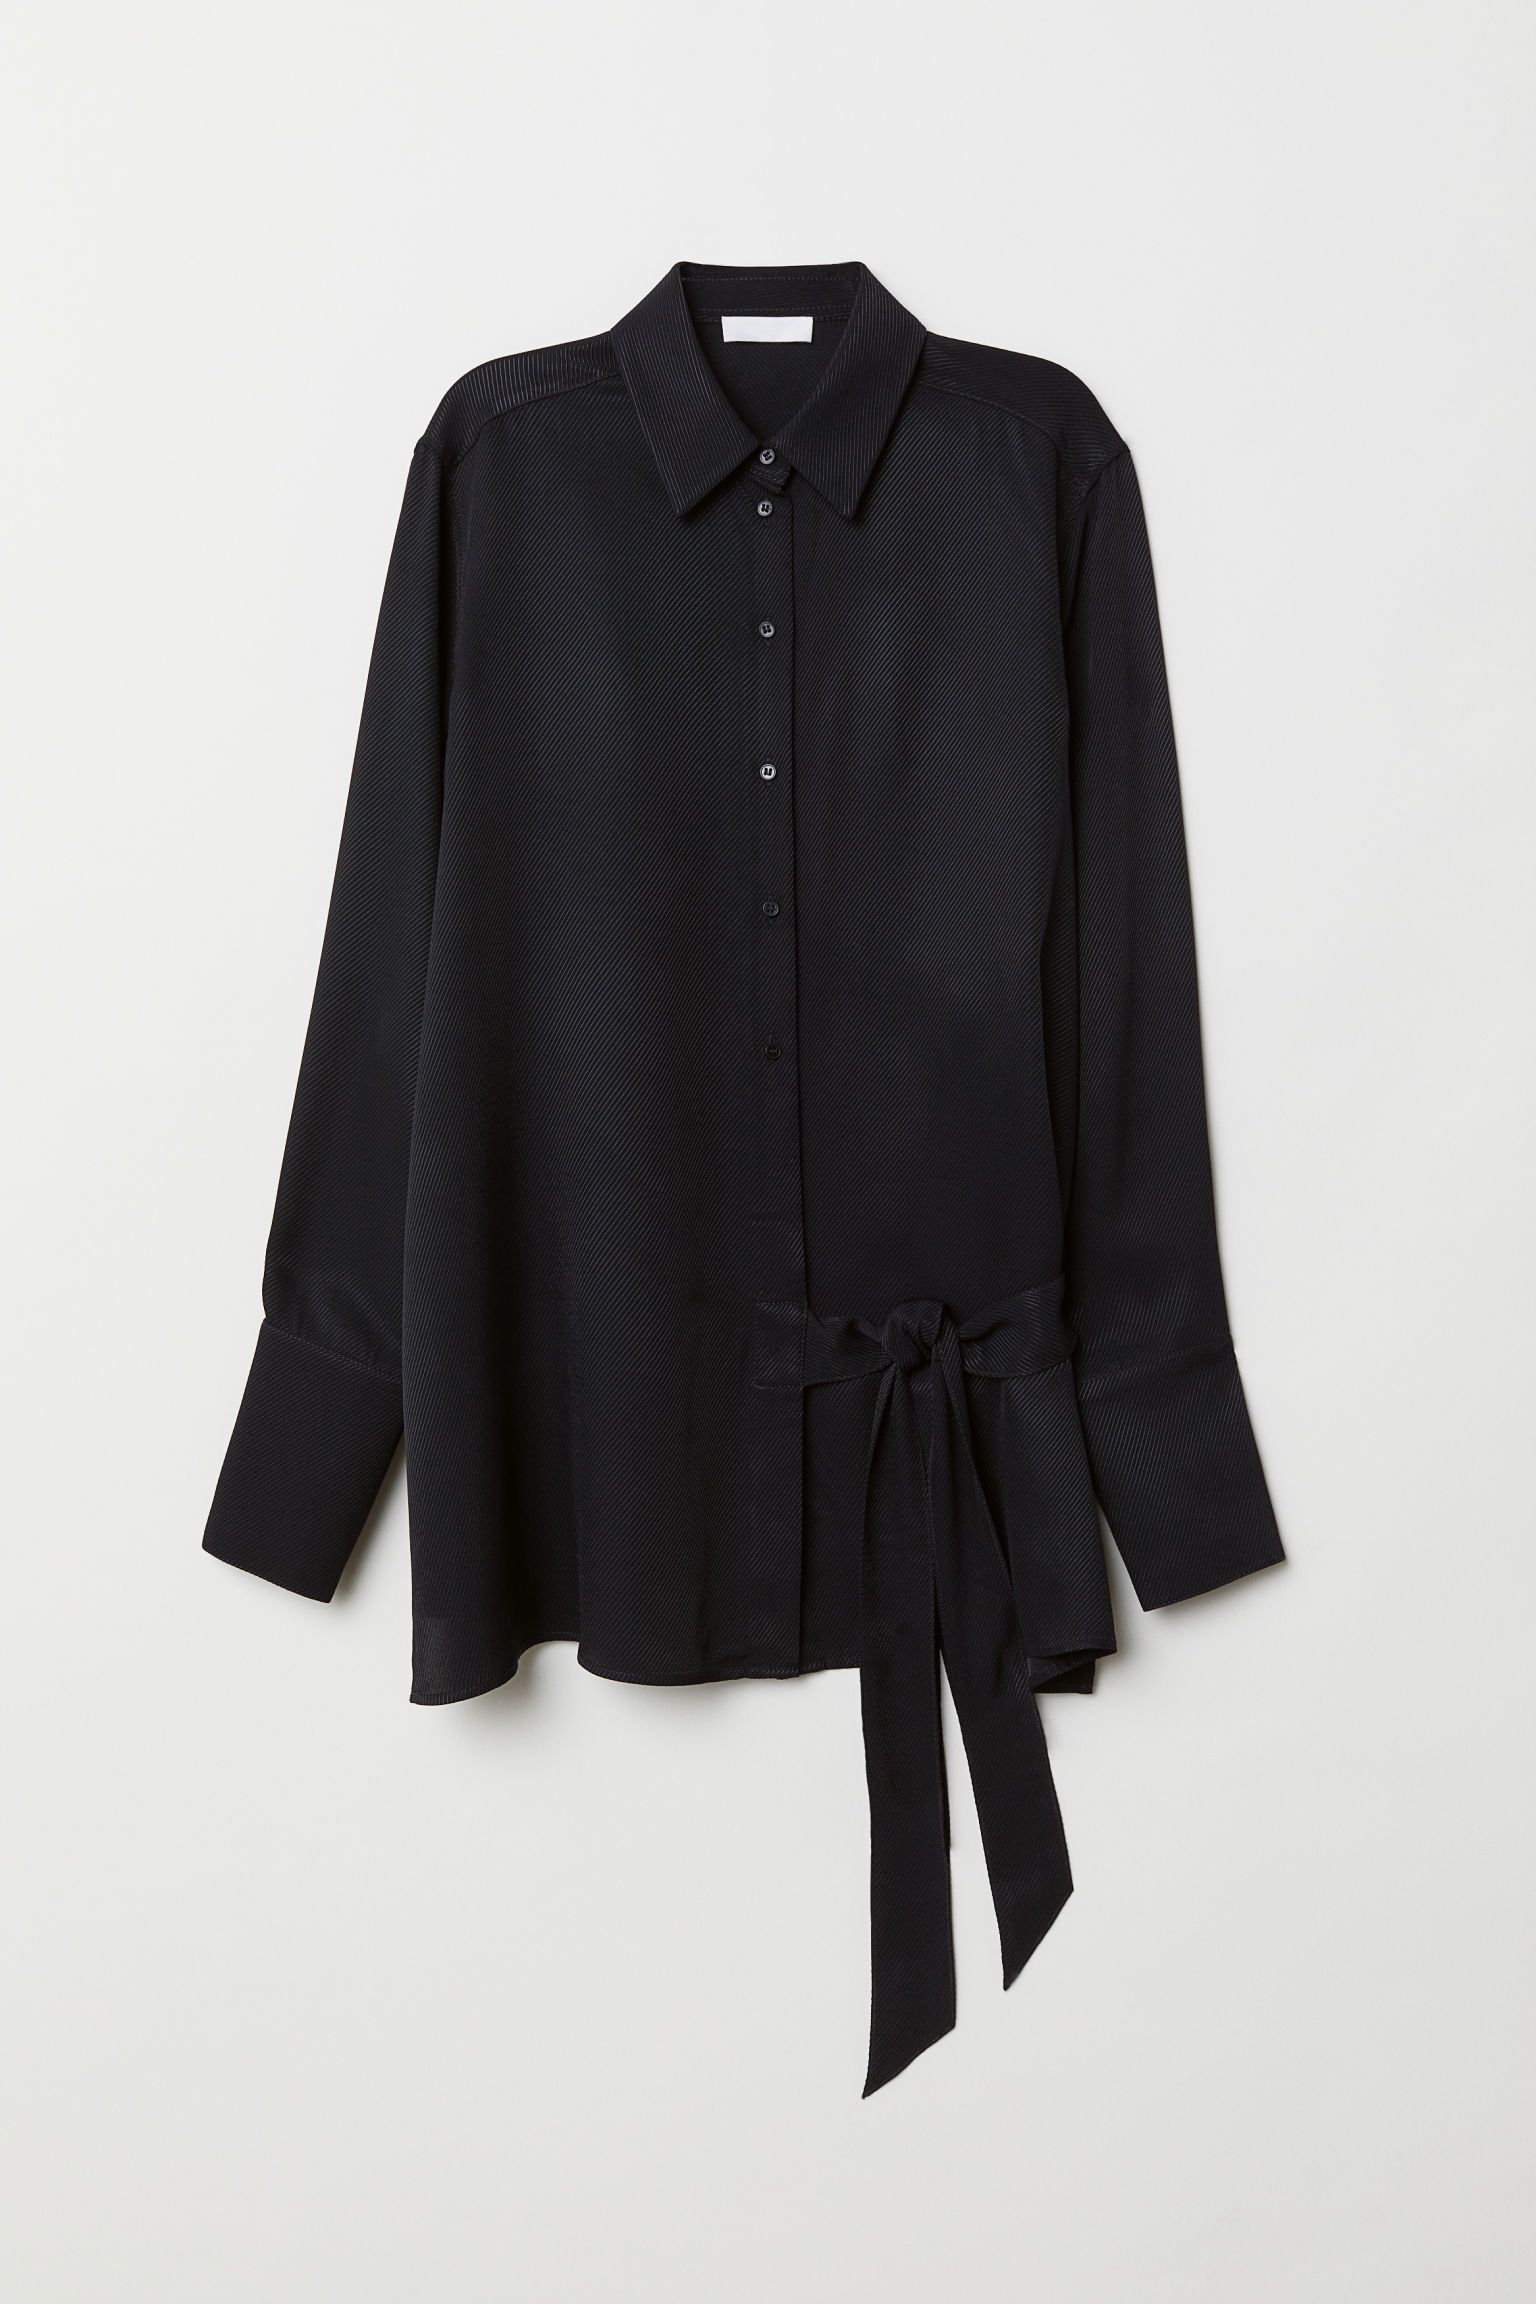 e86cbe7b85aa Skjorte med bindebånd | Tøj - overdele | Skjorte, Mørkeblå, Knapper